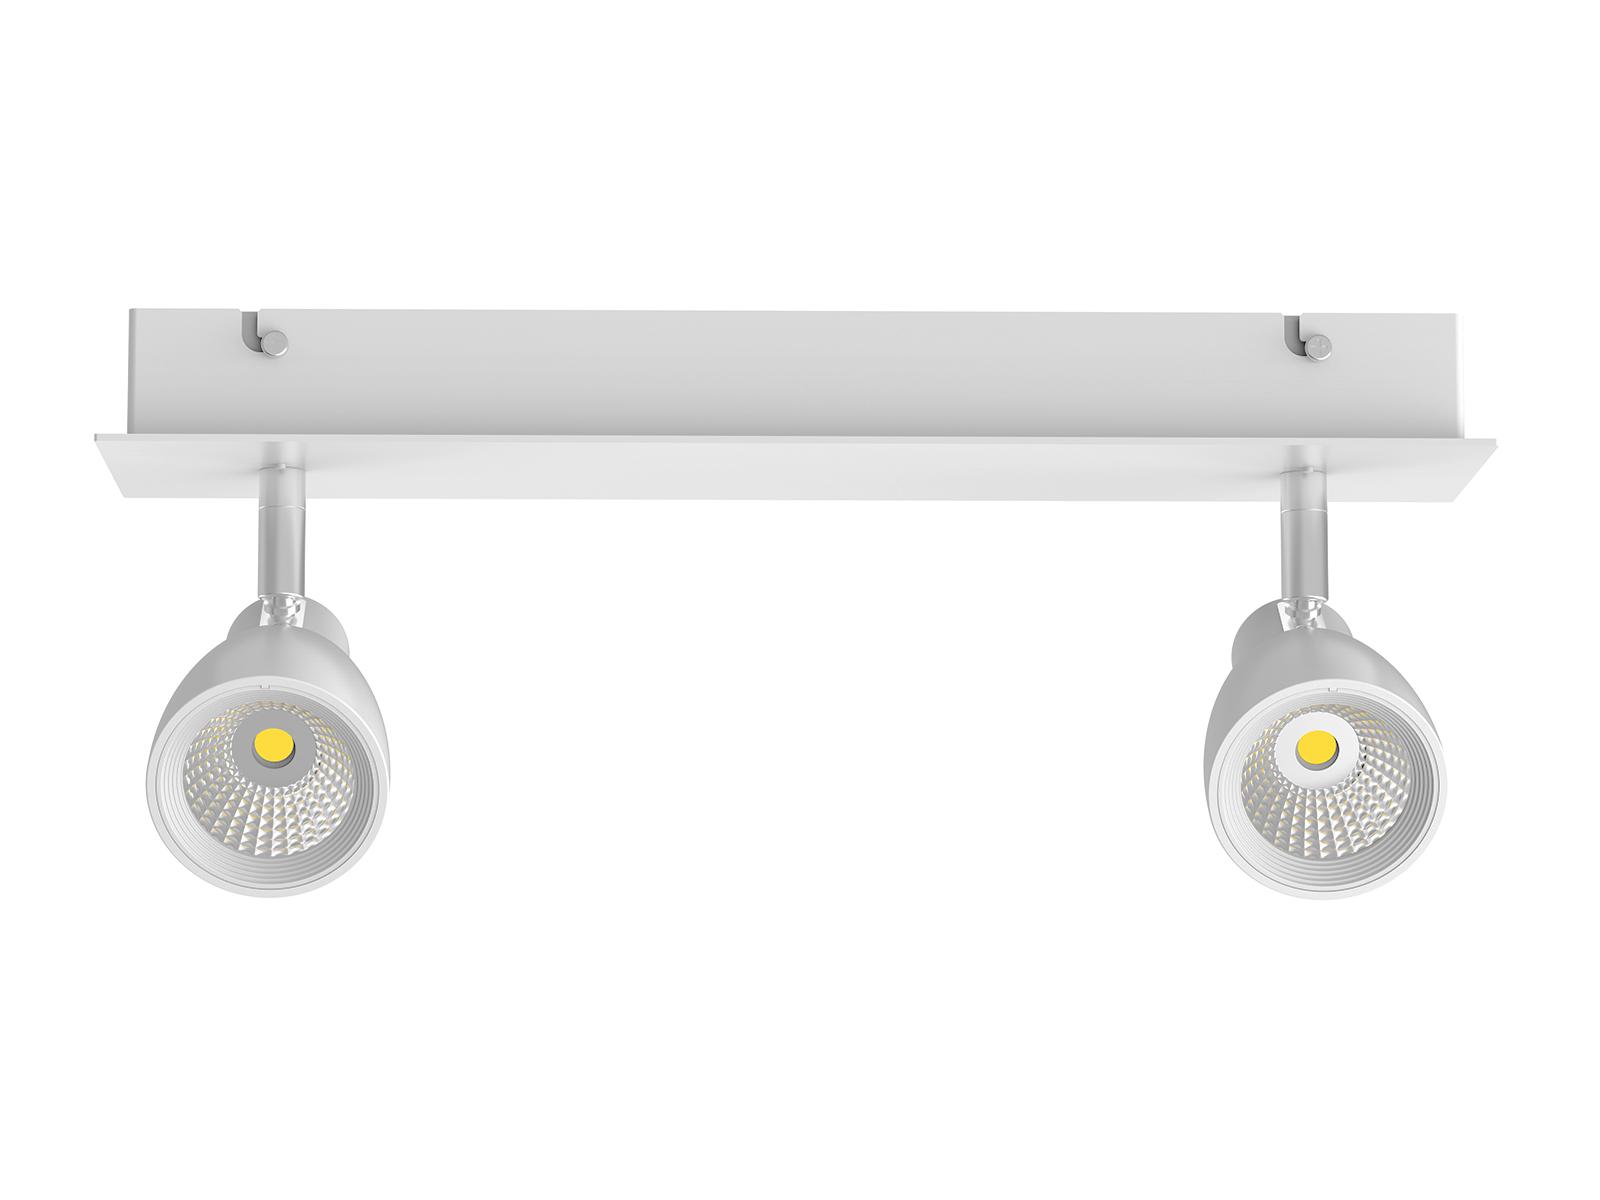 Directional Spot Lights